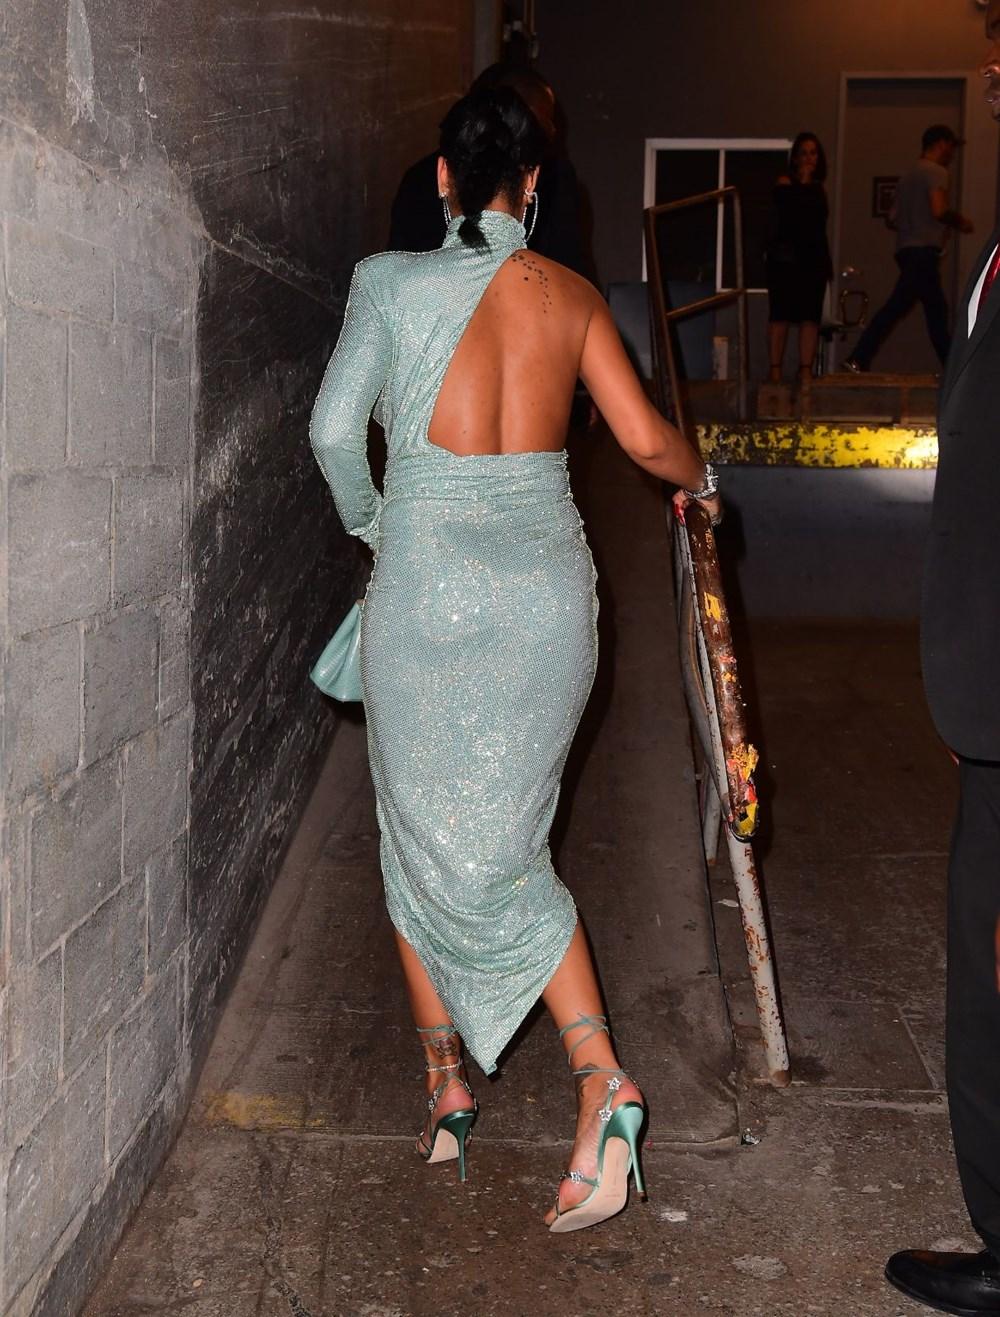 Rihannadan göz kamaştıran tanıtım - Magazin - SacitAslan.com